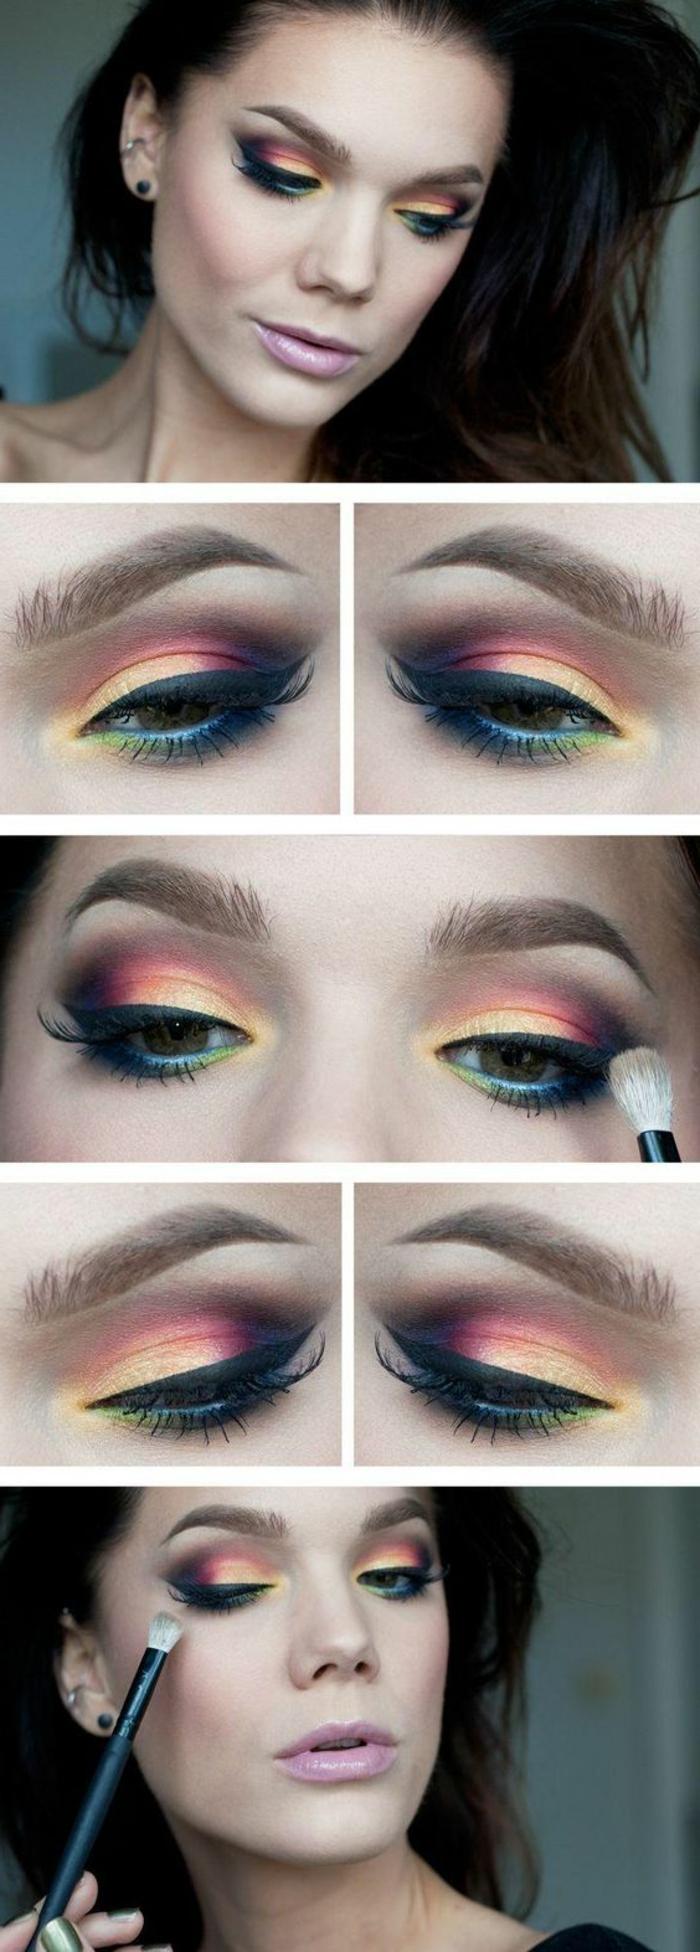 ojos-ahumados-mujer-con-maquillaje-de-ojos-multicolor-ojos-azules